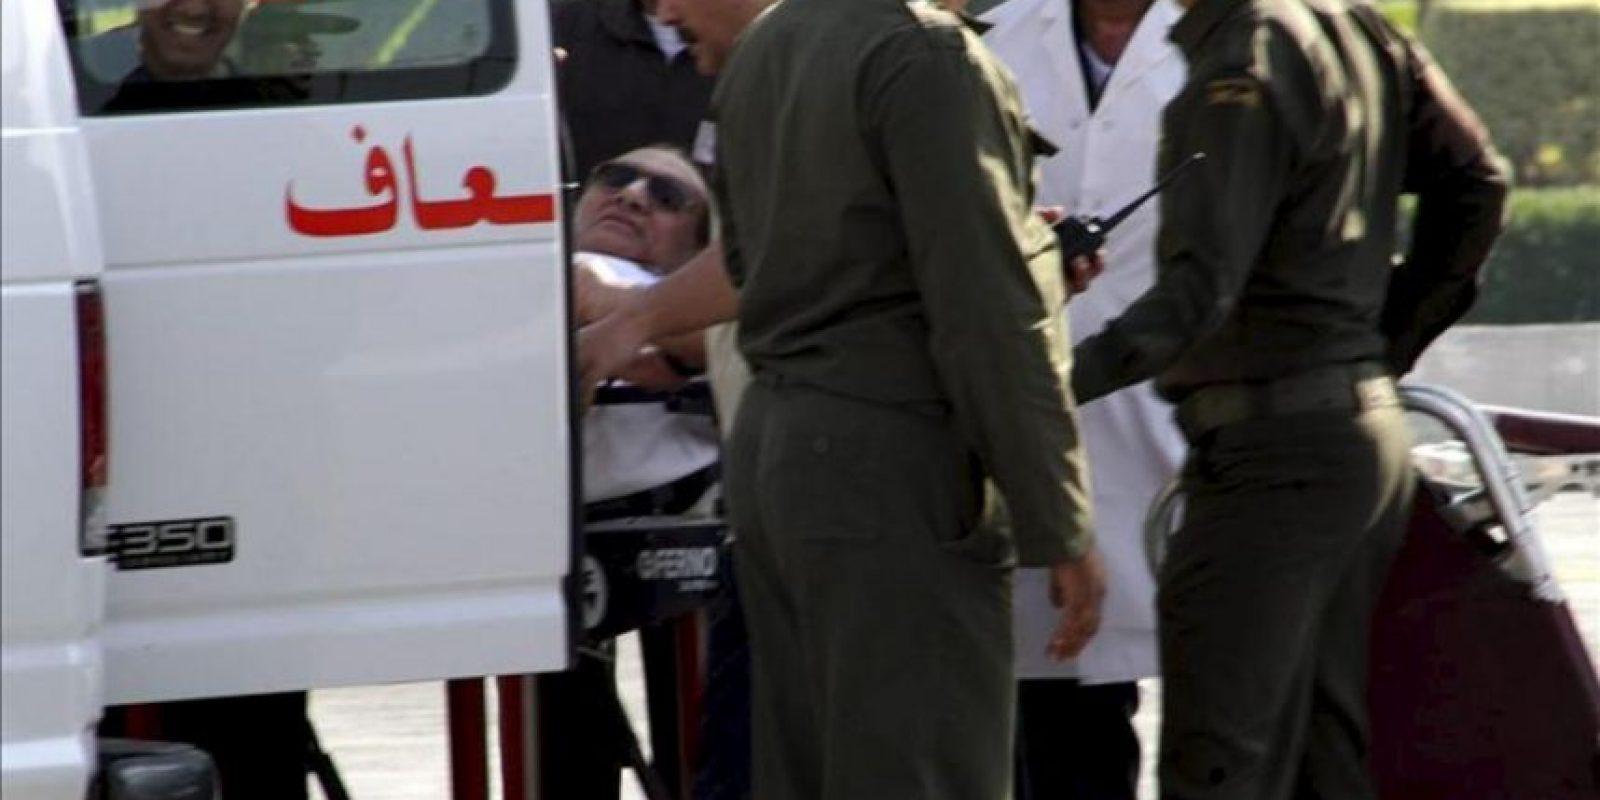 El expresidente egipcio Hosni Mubarak llega en camilla al hospital militar de Maadi, donde quedará en arresto domiciliario tras salir de la prisión de Tora en un helicóptero medicalizado, informaron a Efe fuentes de la seguridad egipcia, en El Cairo (Egipto), hoy, jueves 22 de agosto de 2013. EFE